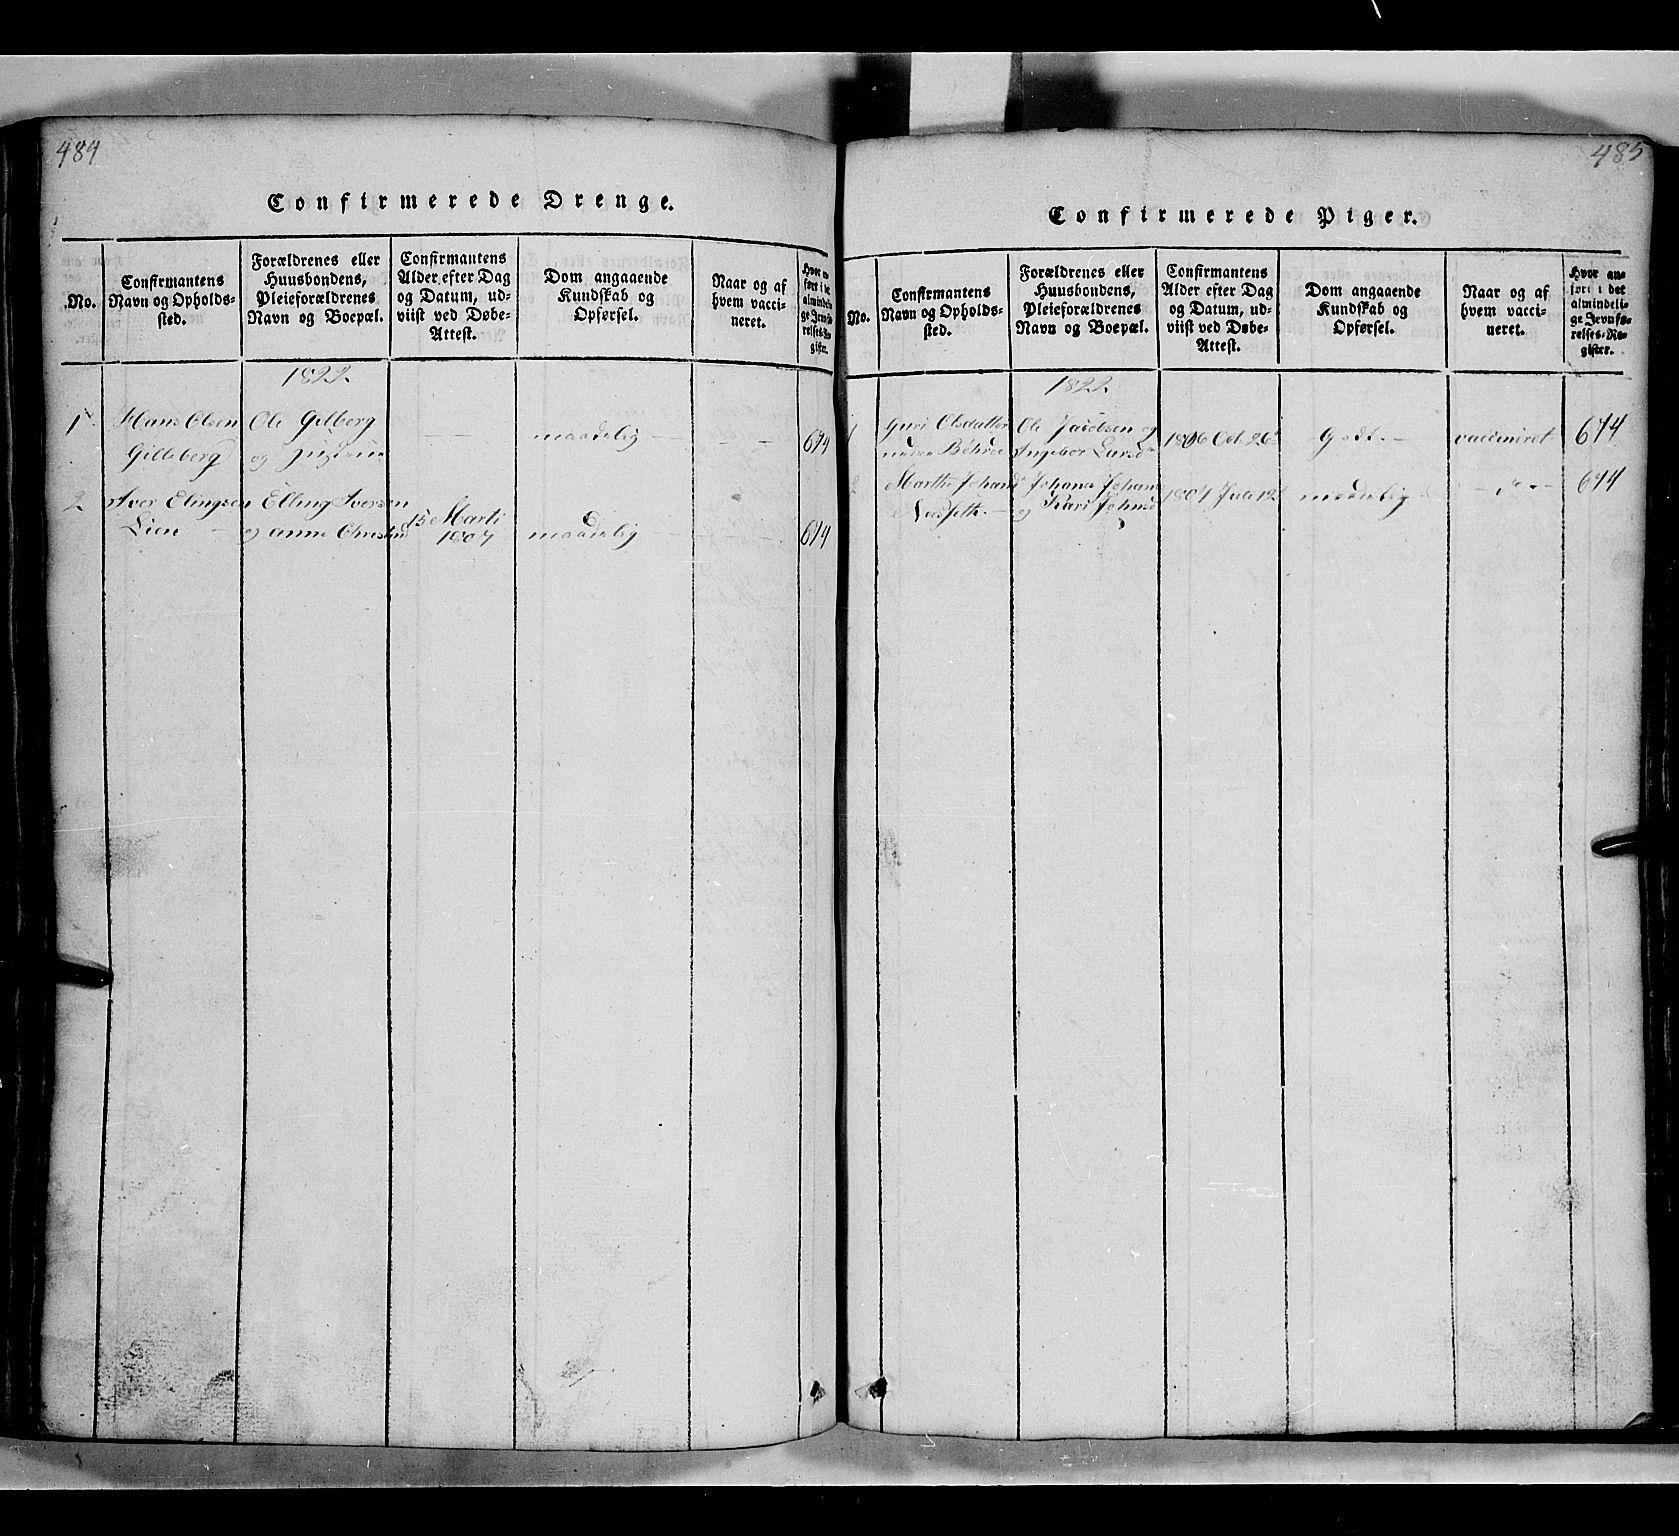 SAH, Gausdal prestekontor, Klokkerbok nr. 2, 1818-1874, s. 484-485